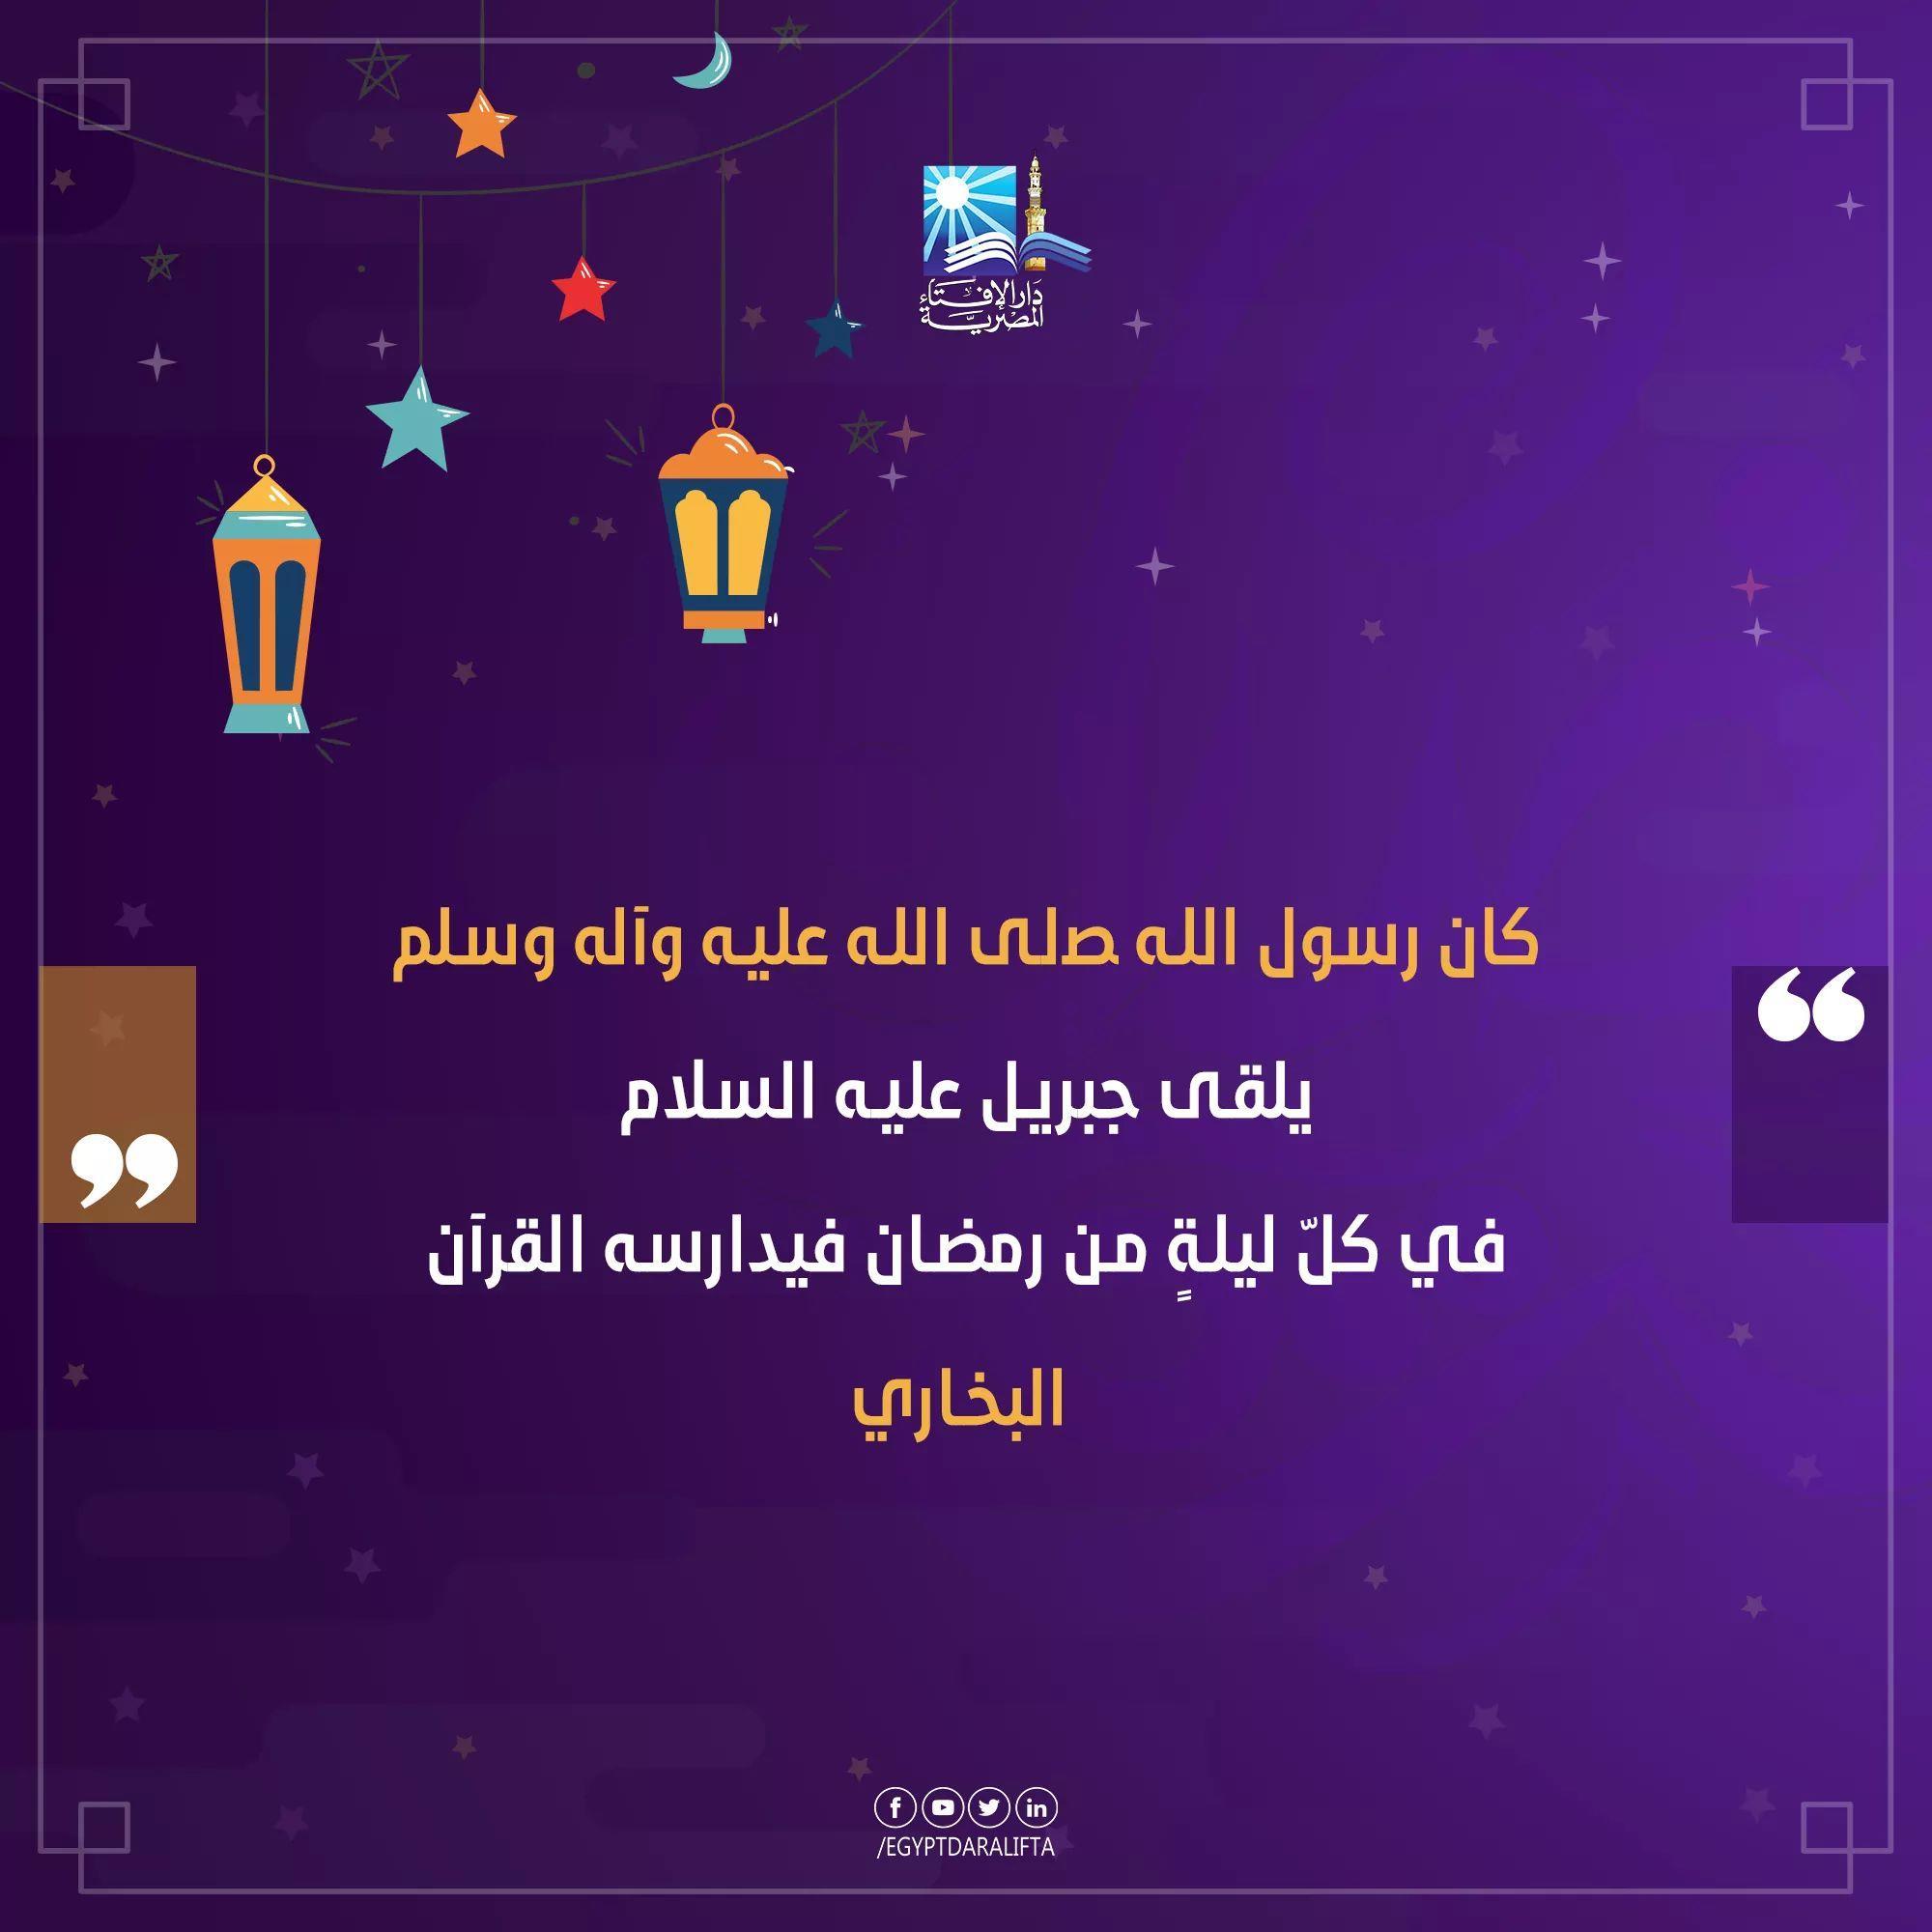 حياة النبي في رمضان